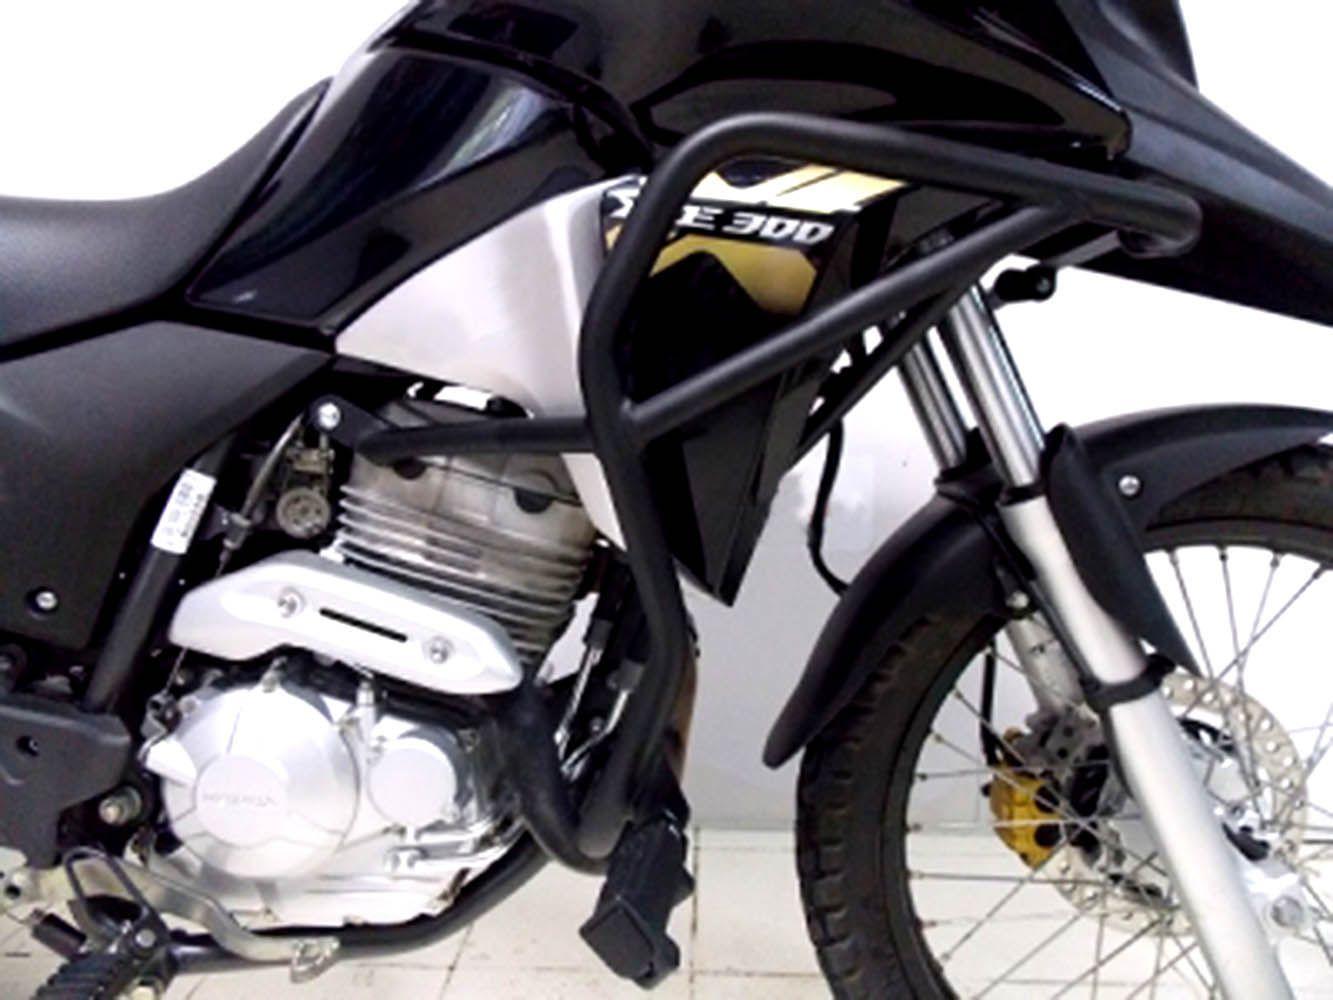 Protetor Motor Perna Carenagem Xre 300 Até 2019 Todas C/peda